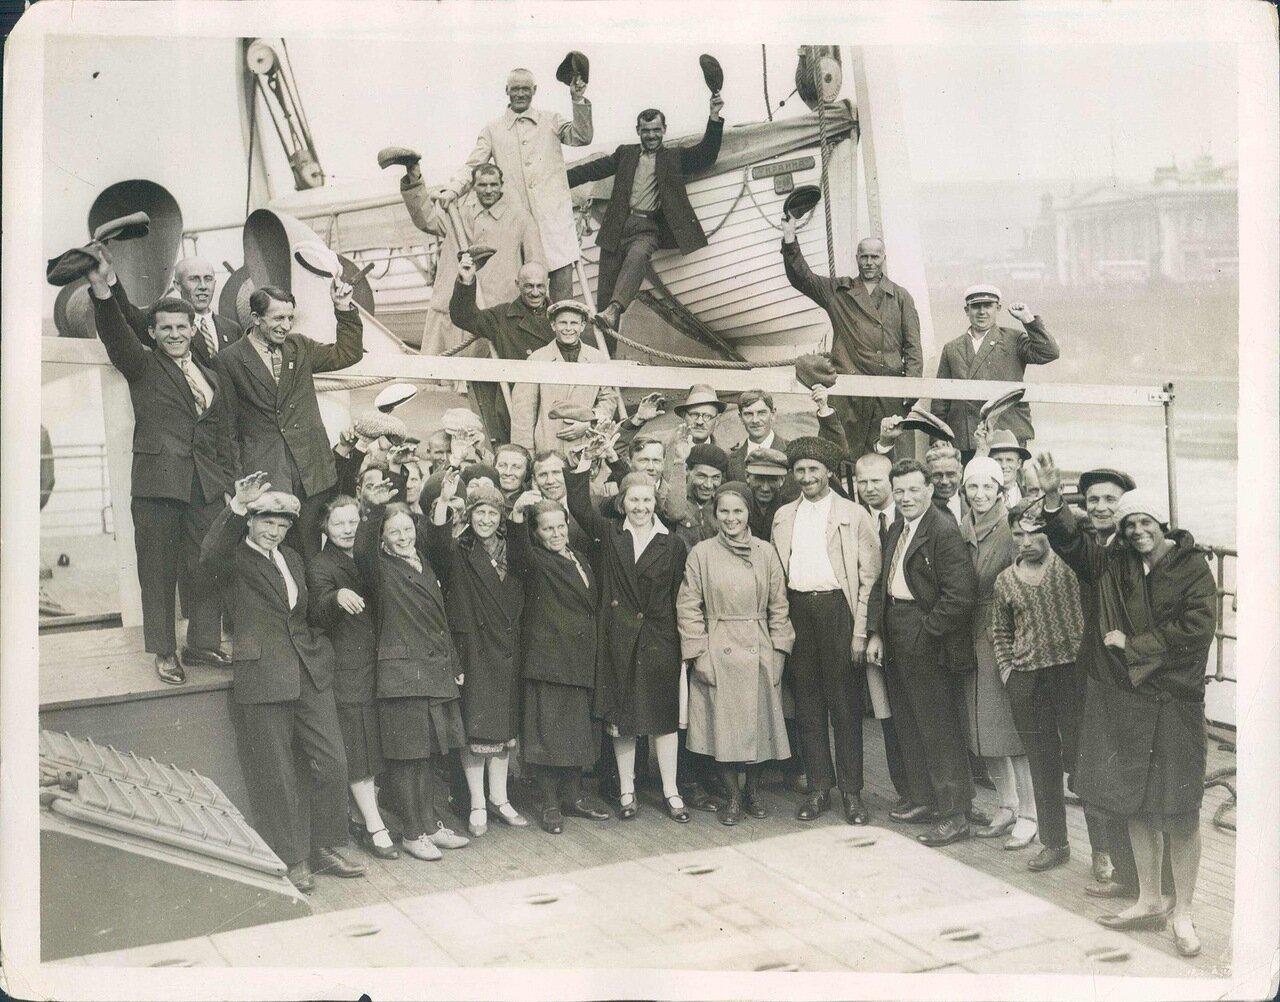 1931. 10 августа. Советские туристы в Лондоне